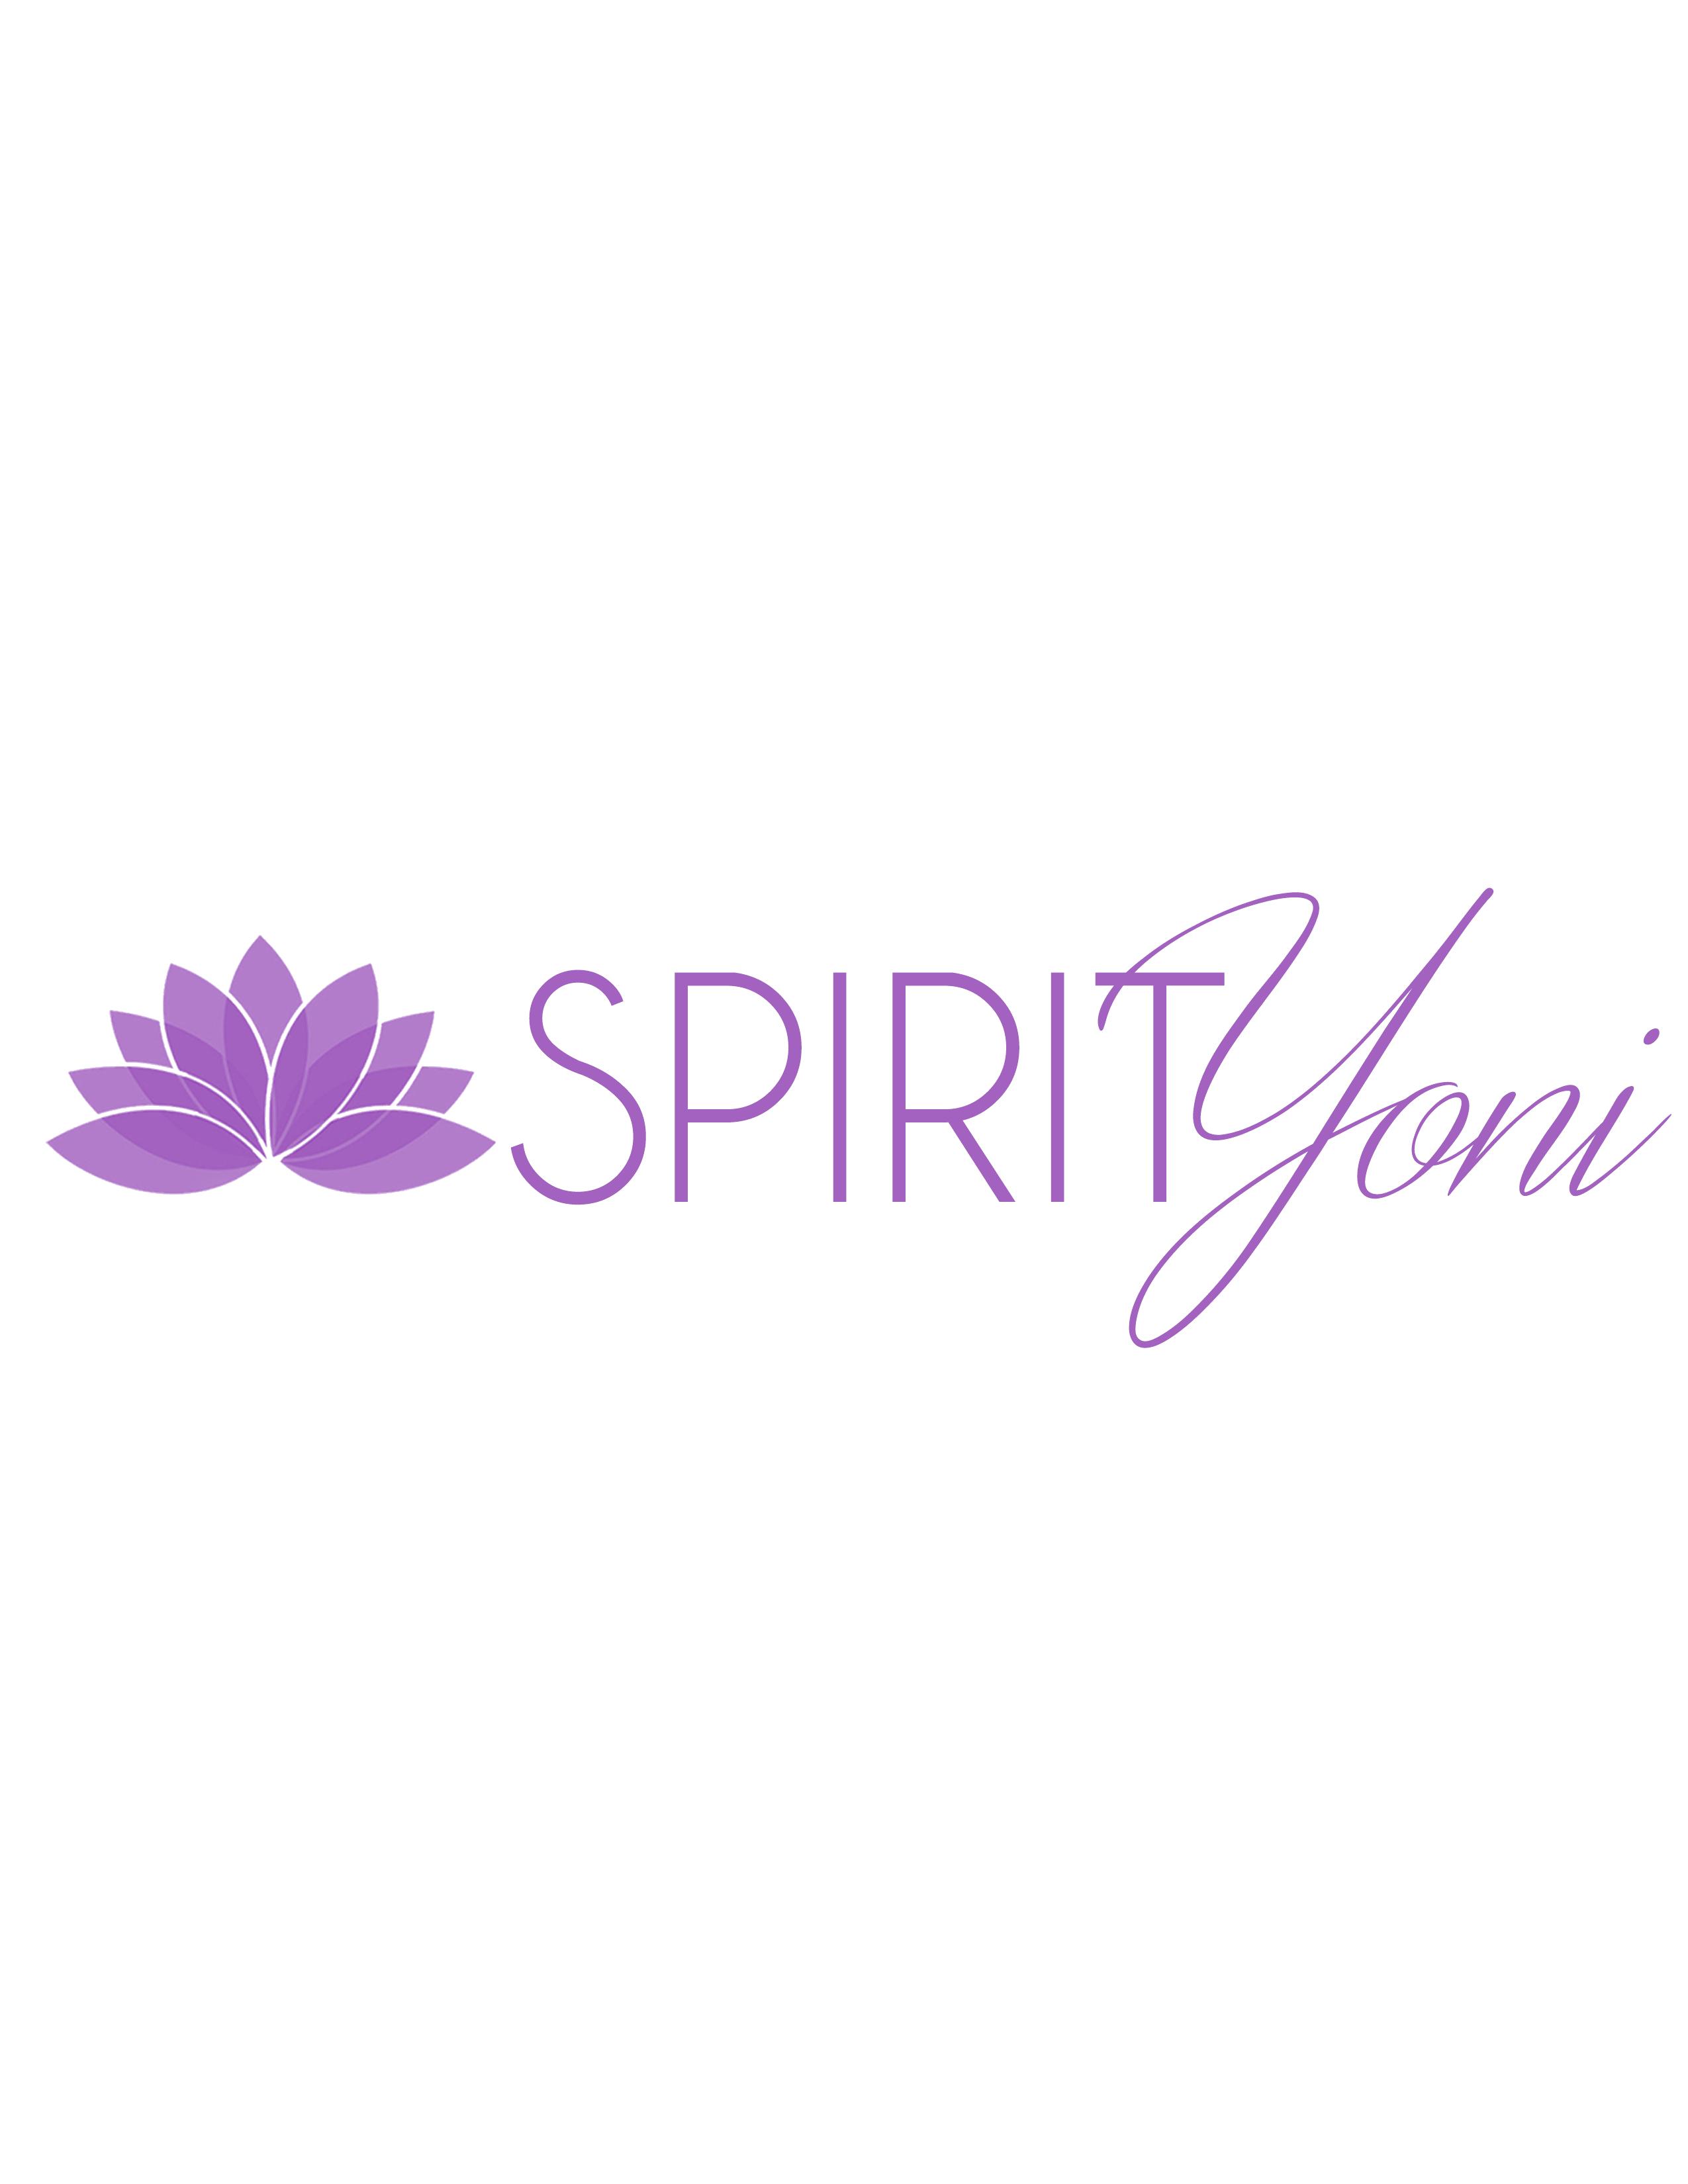 Spirit Yoni